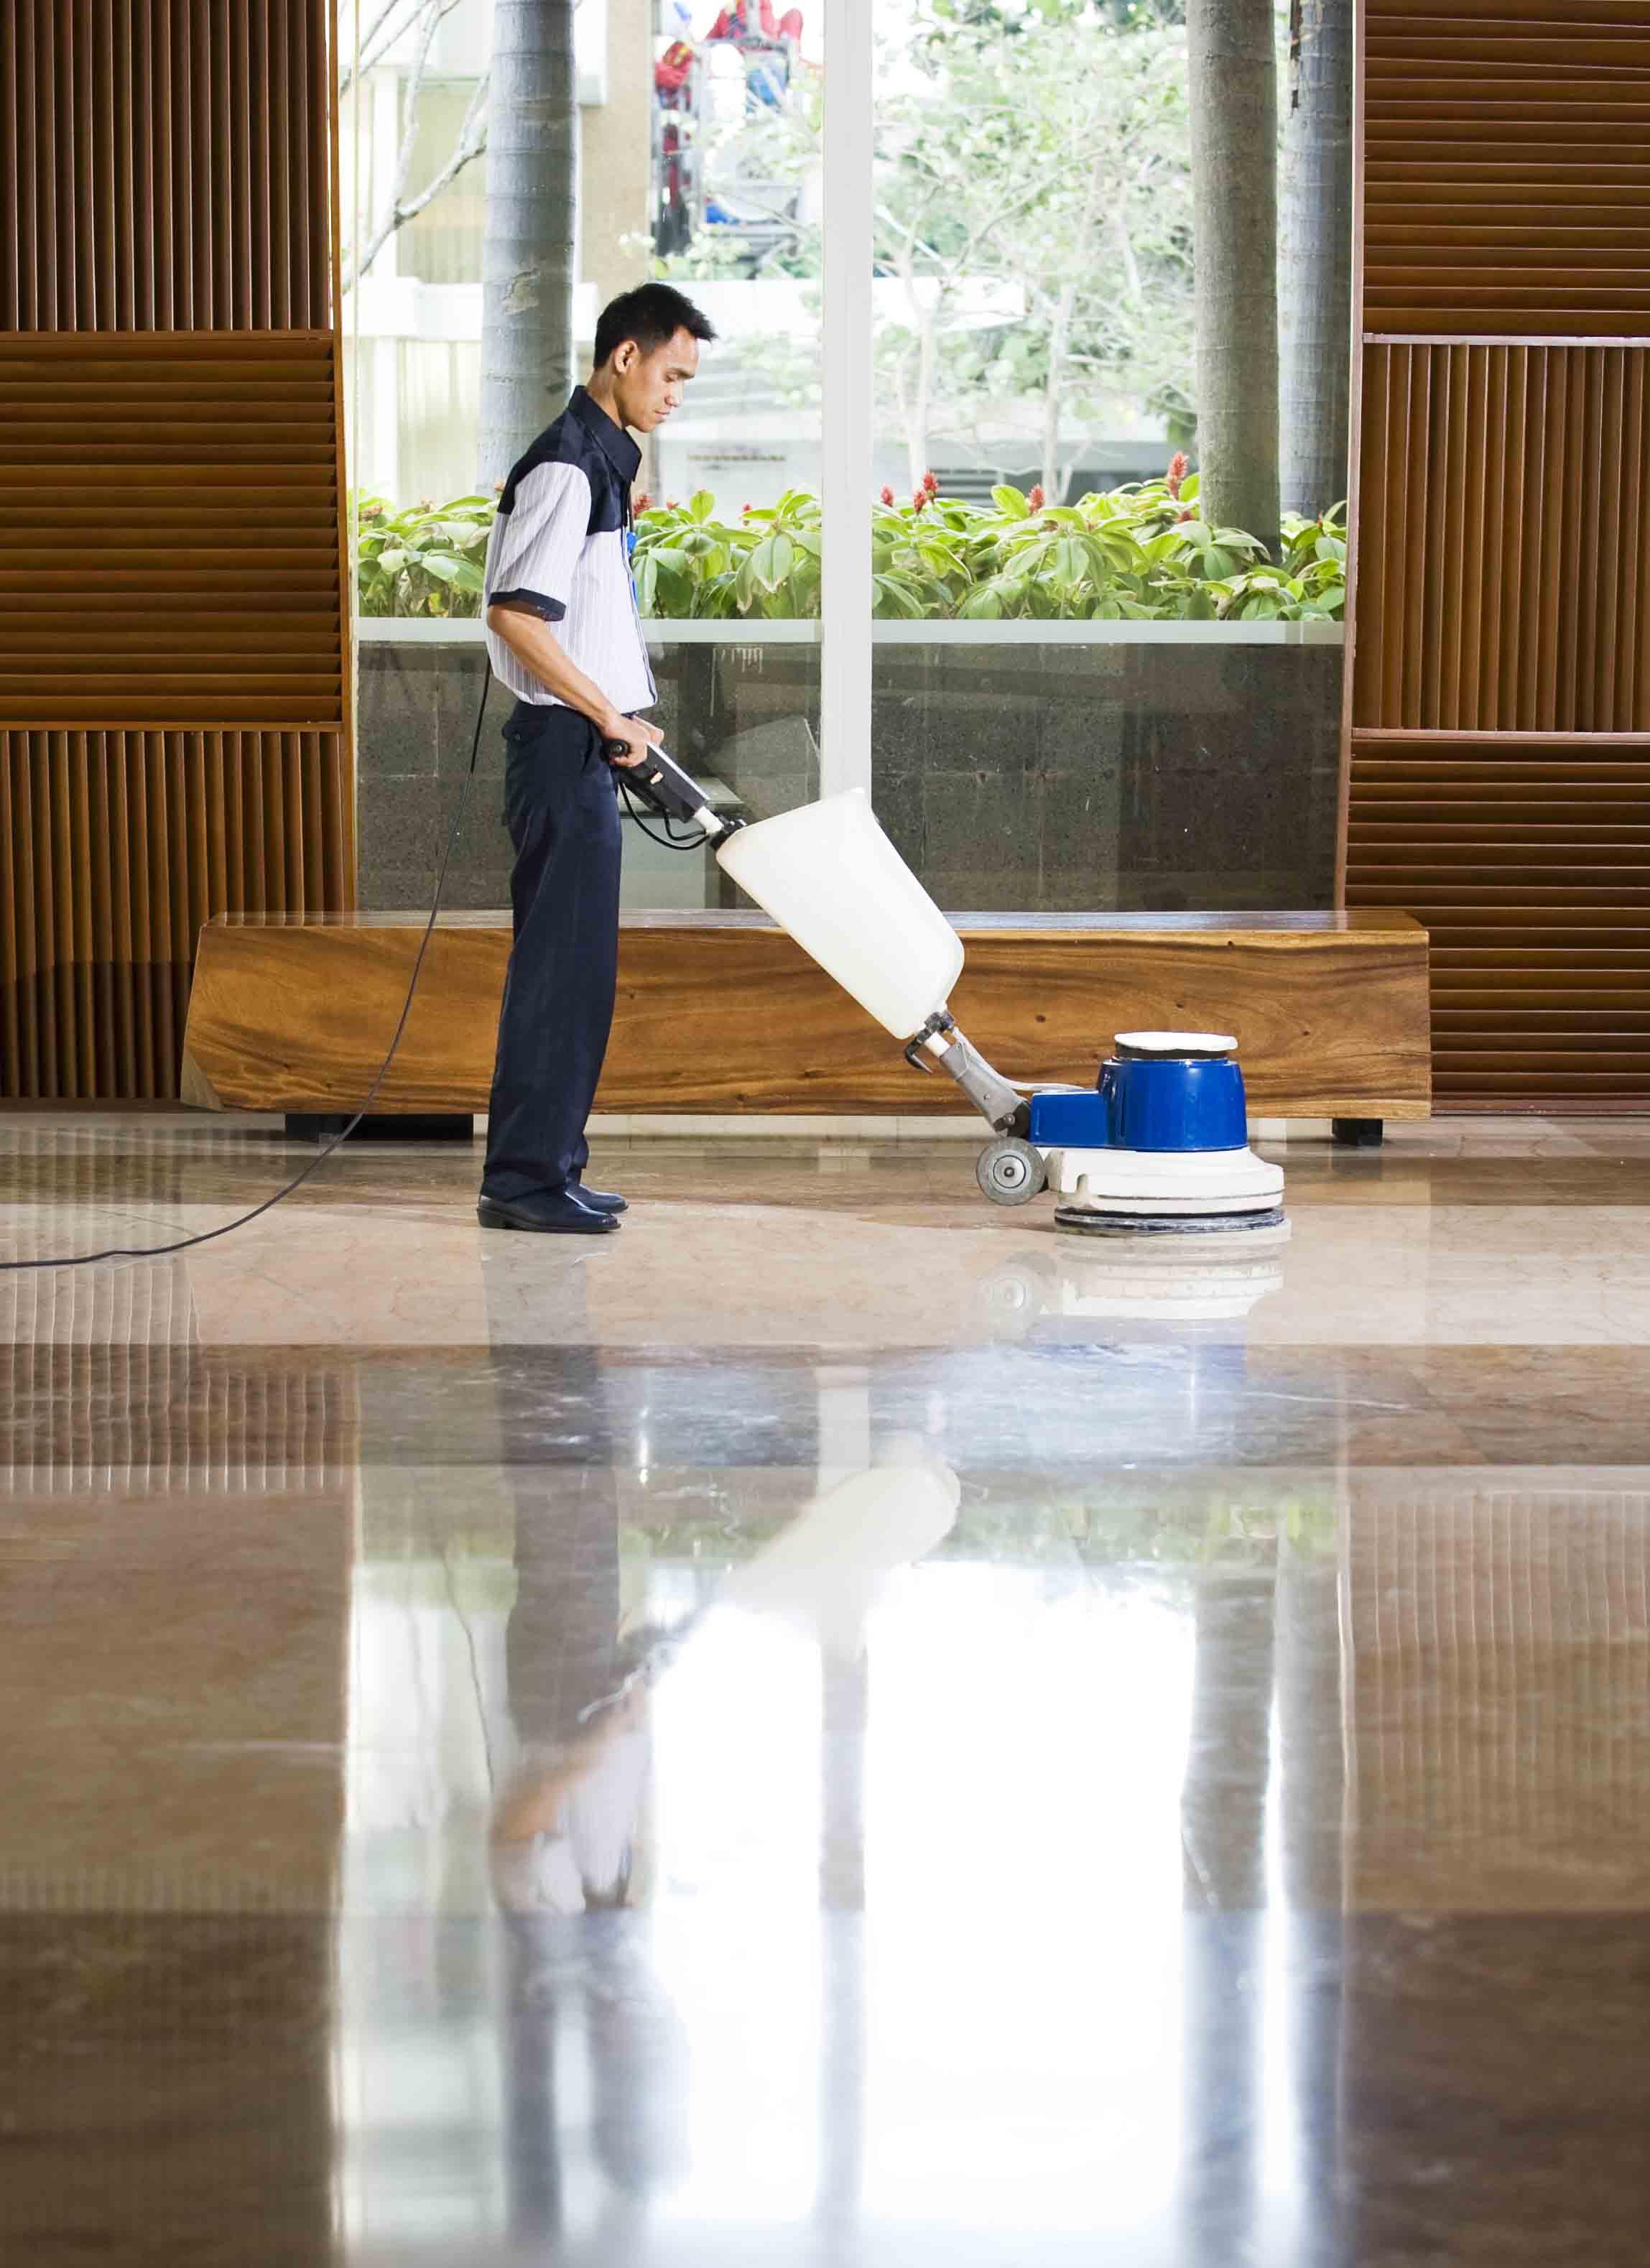 Kenali 6 Keuntungan Memilih Pt Cleaning Service Yang Sudah Berpengalaman Hes Indonesia